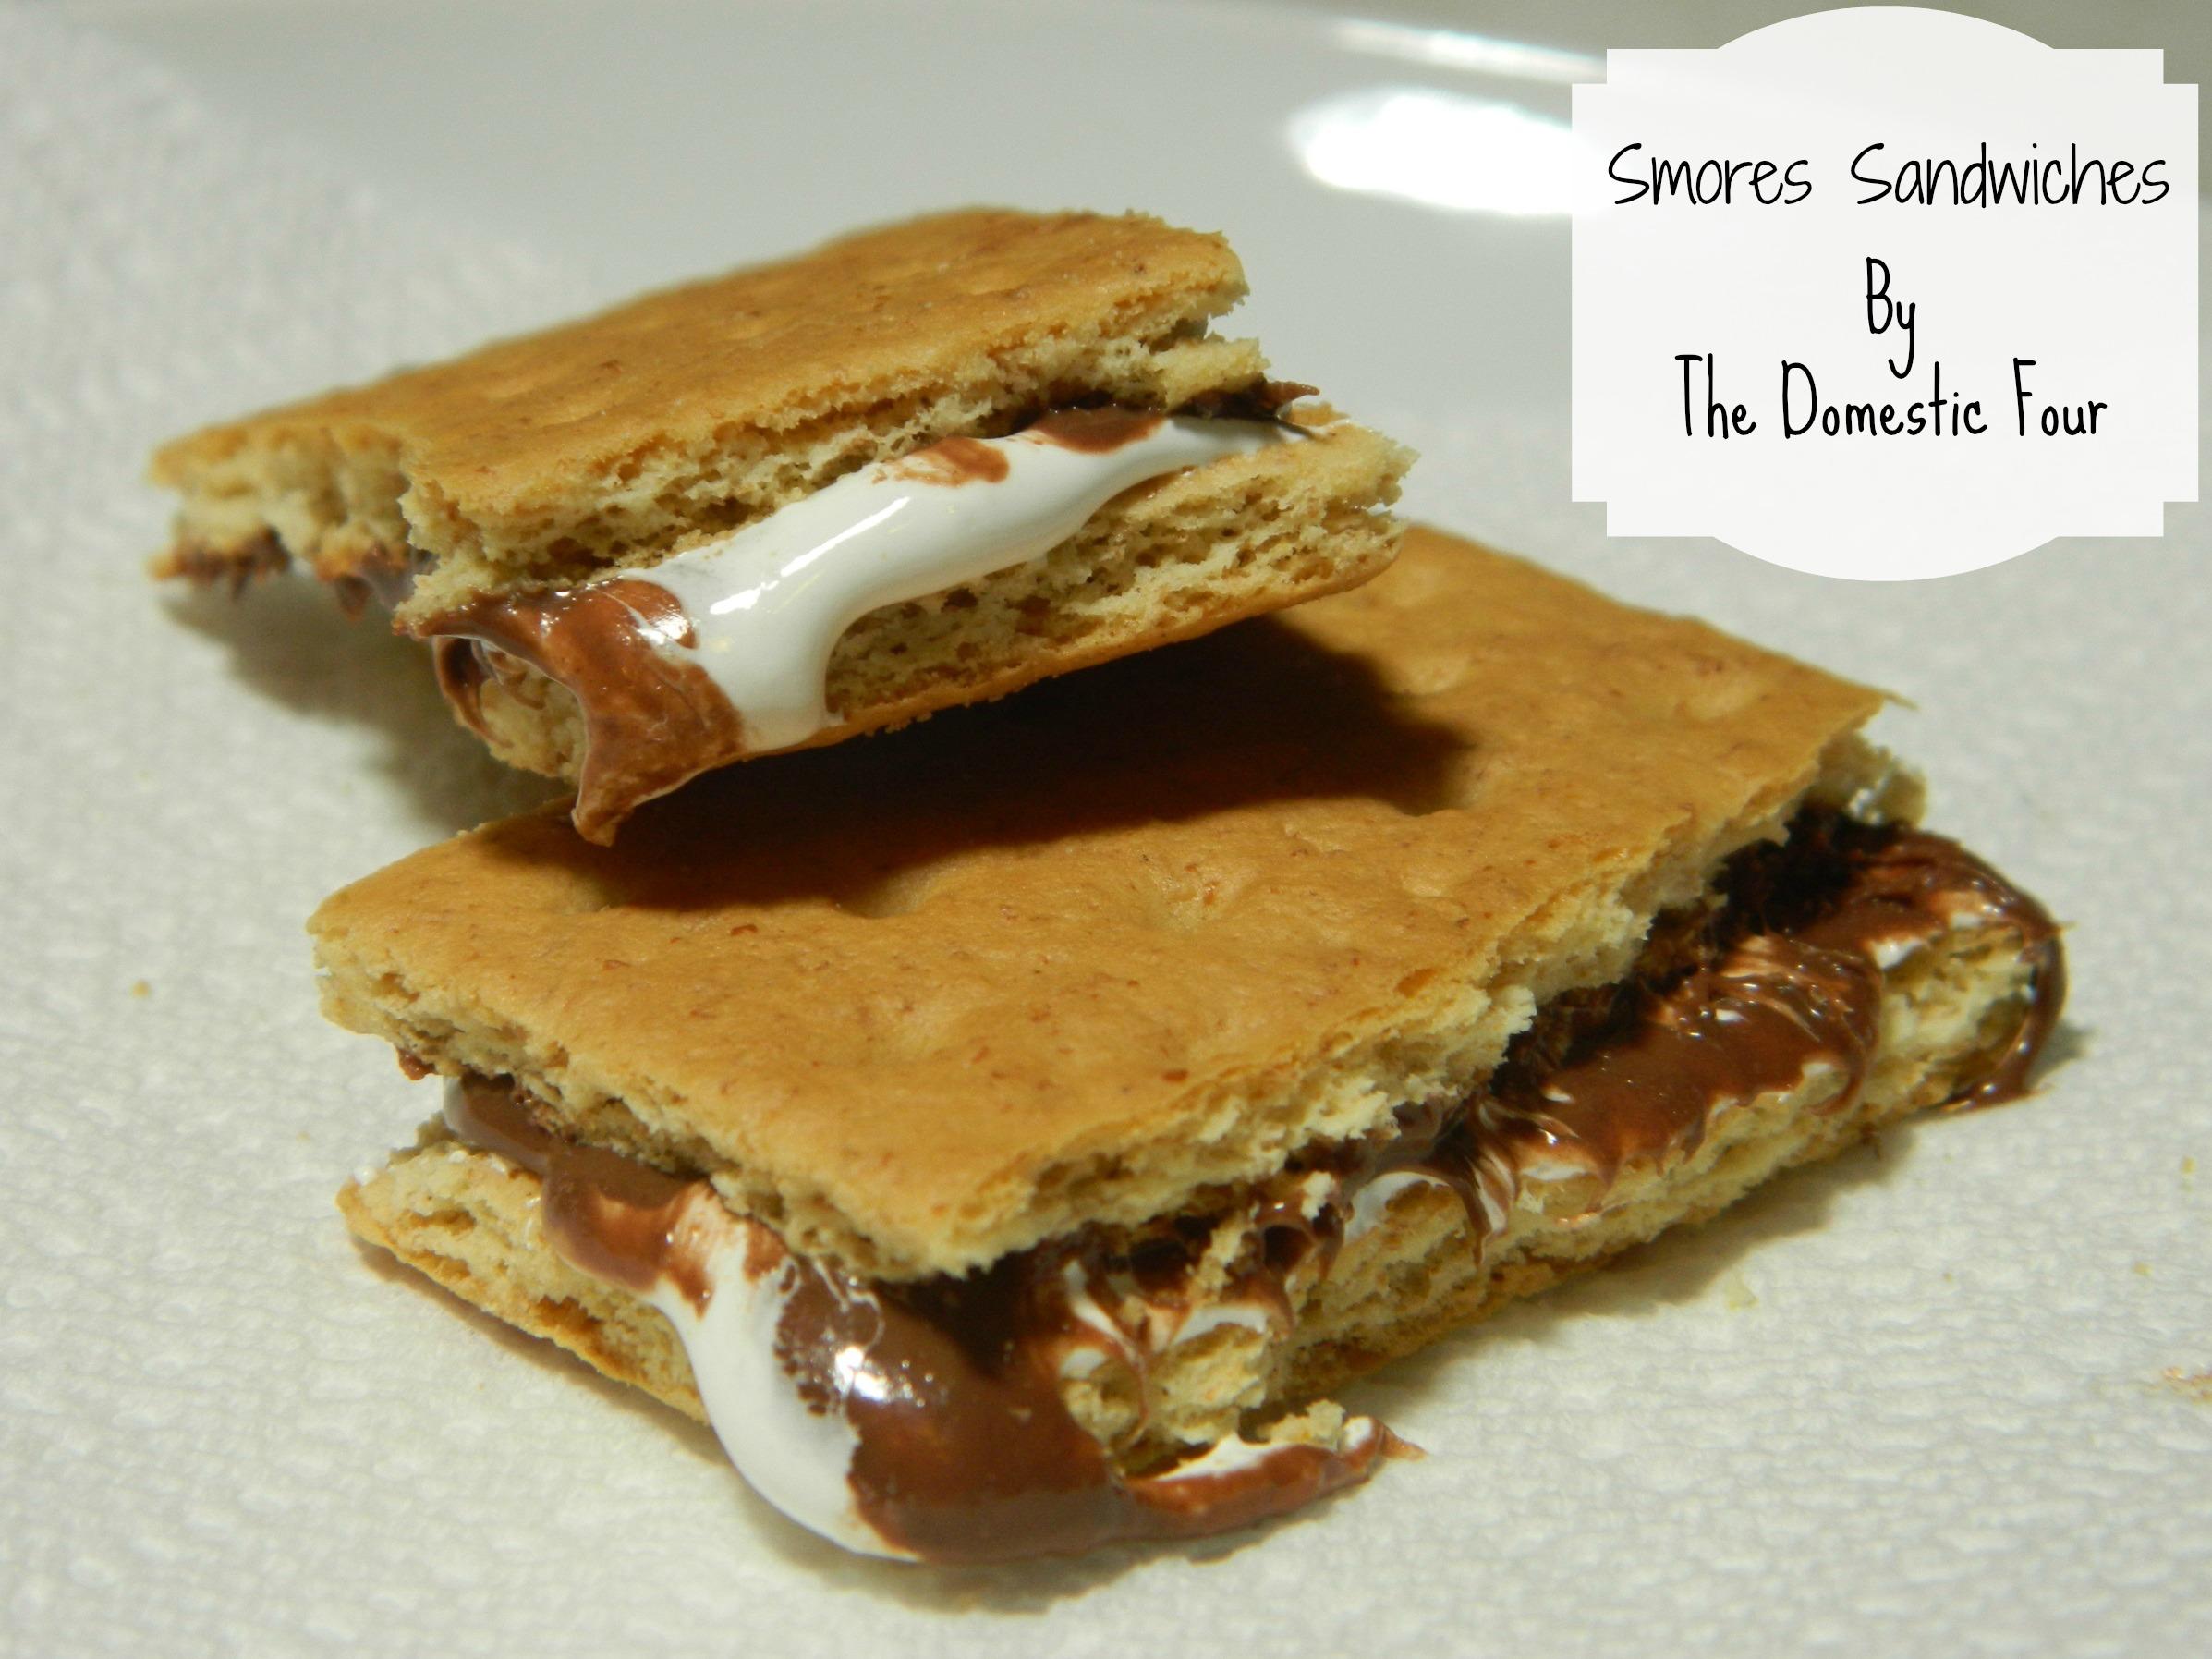 Smores Sandwiches